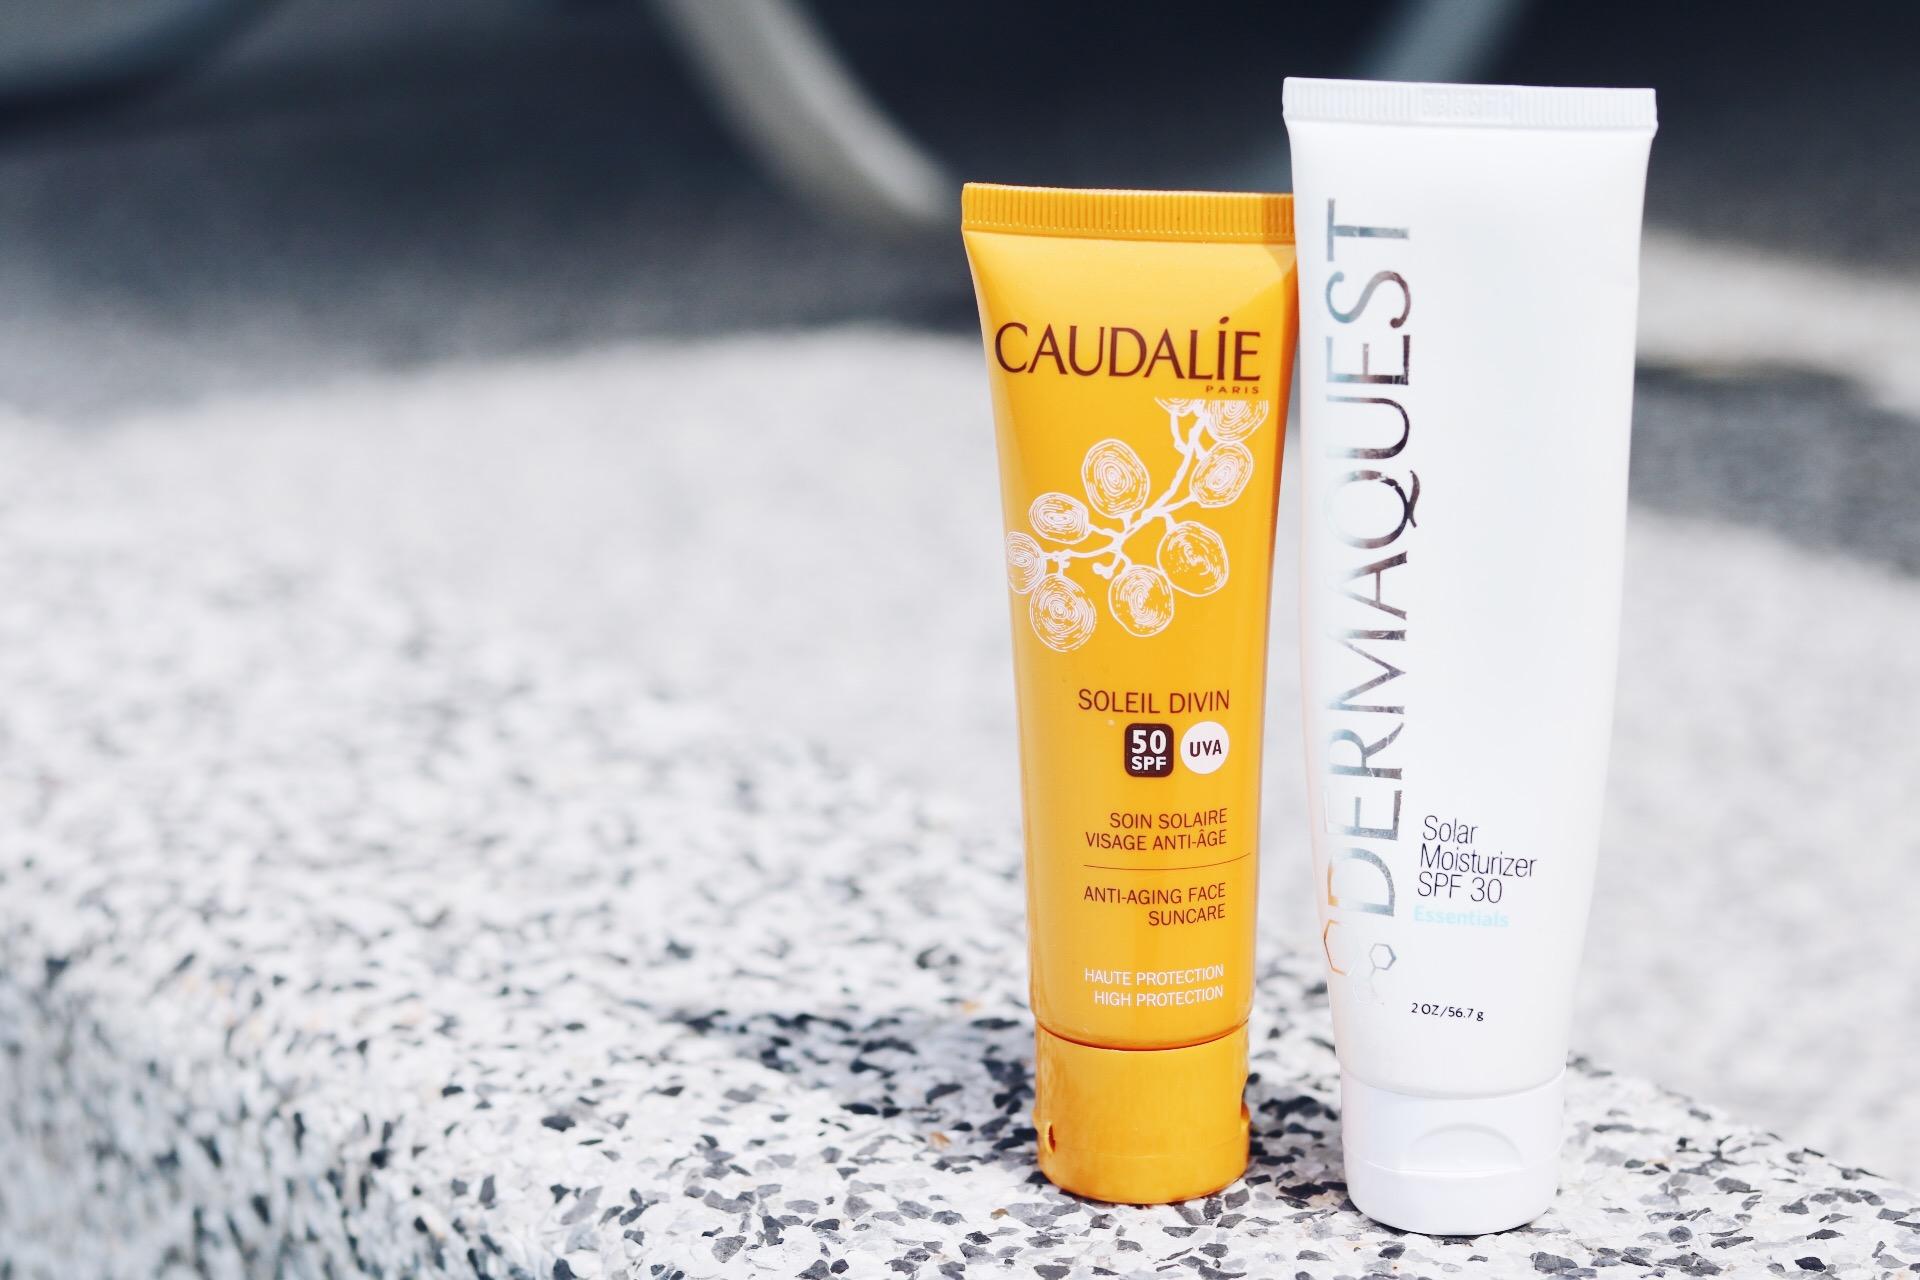 Solskydd för ansiktet, Caudalíe caudlaie, solskydd, dermaquest, amandahans skönhetsblogg ansiktskräm hudvård SPF 50, SPF 30